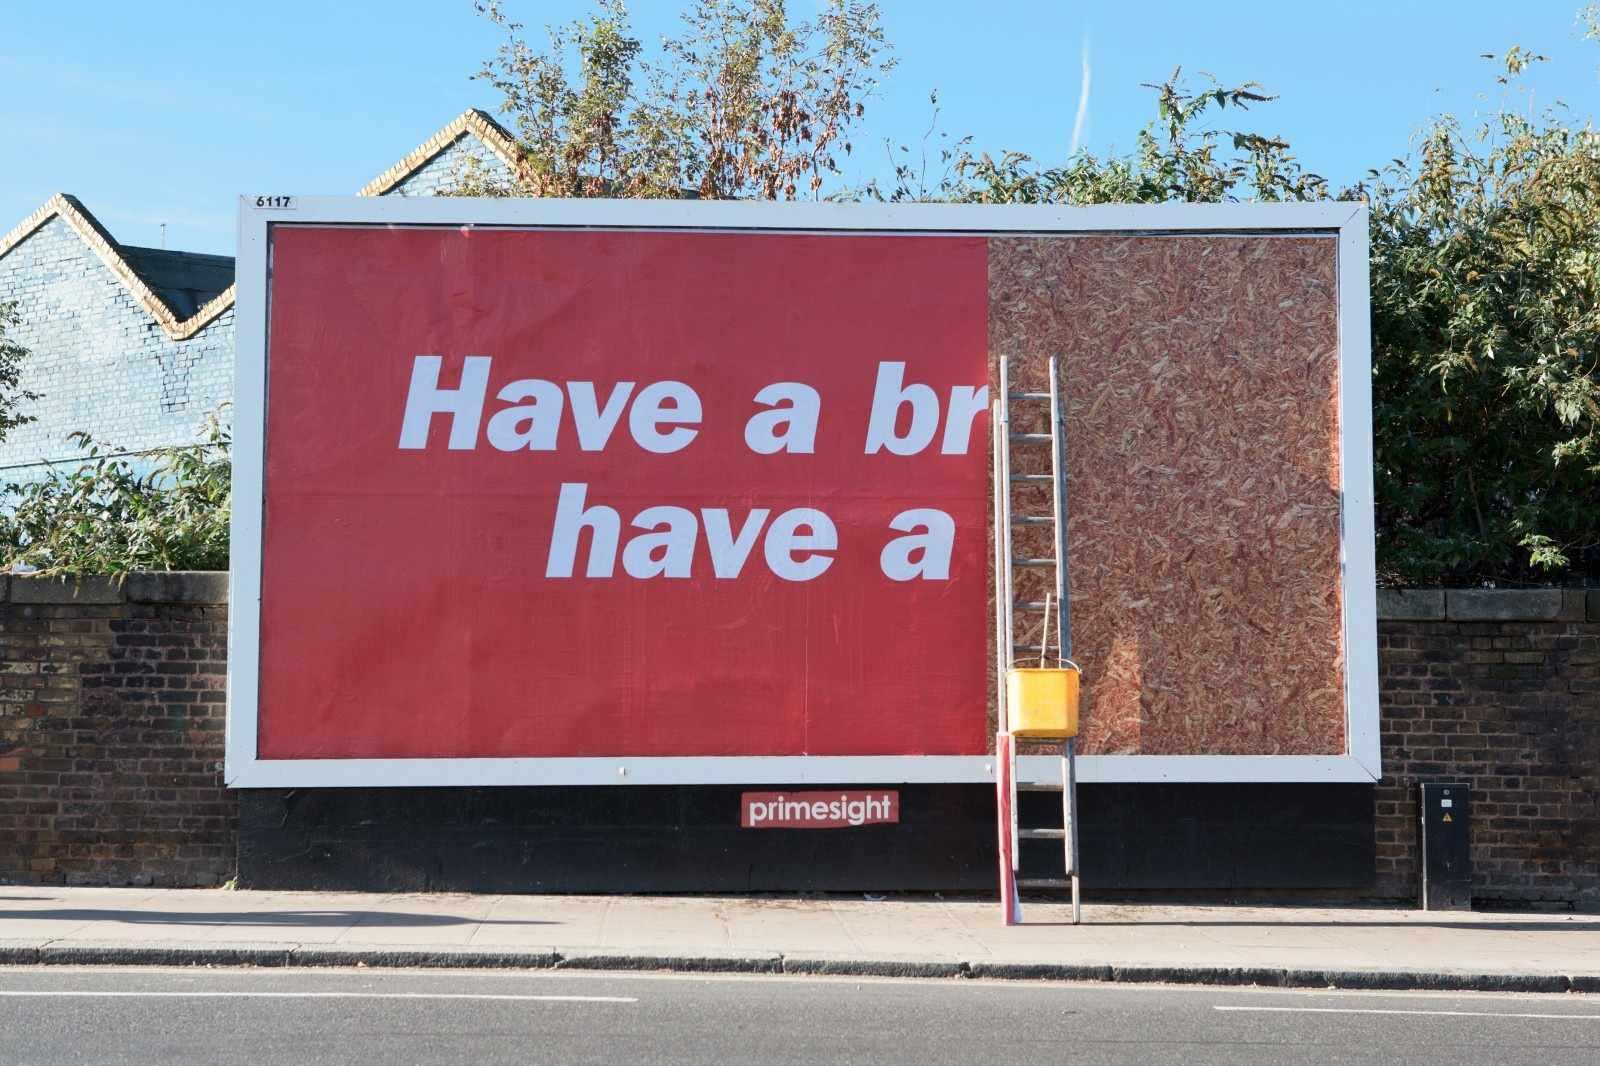 Real estate billboard design samples - Kitkat